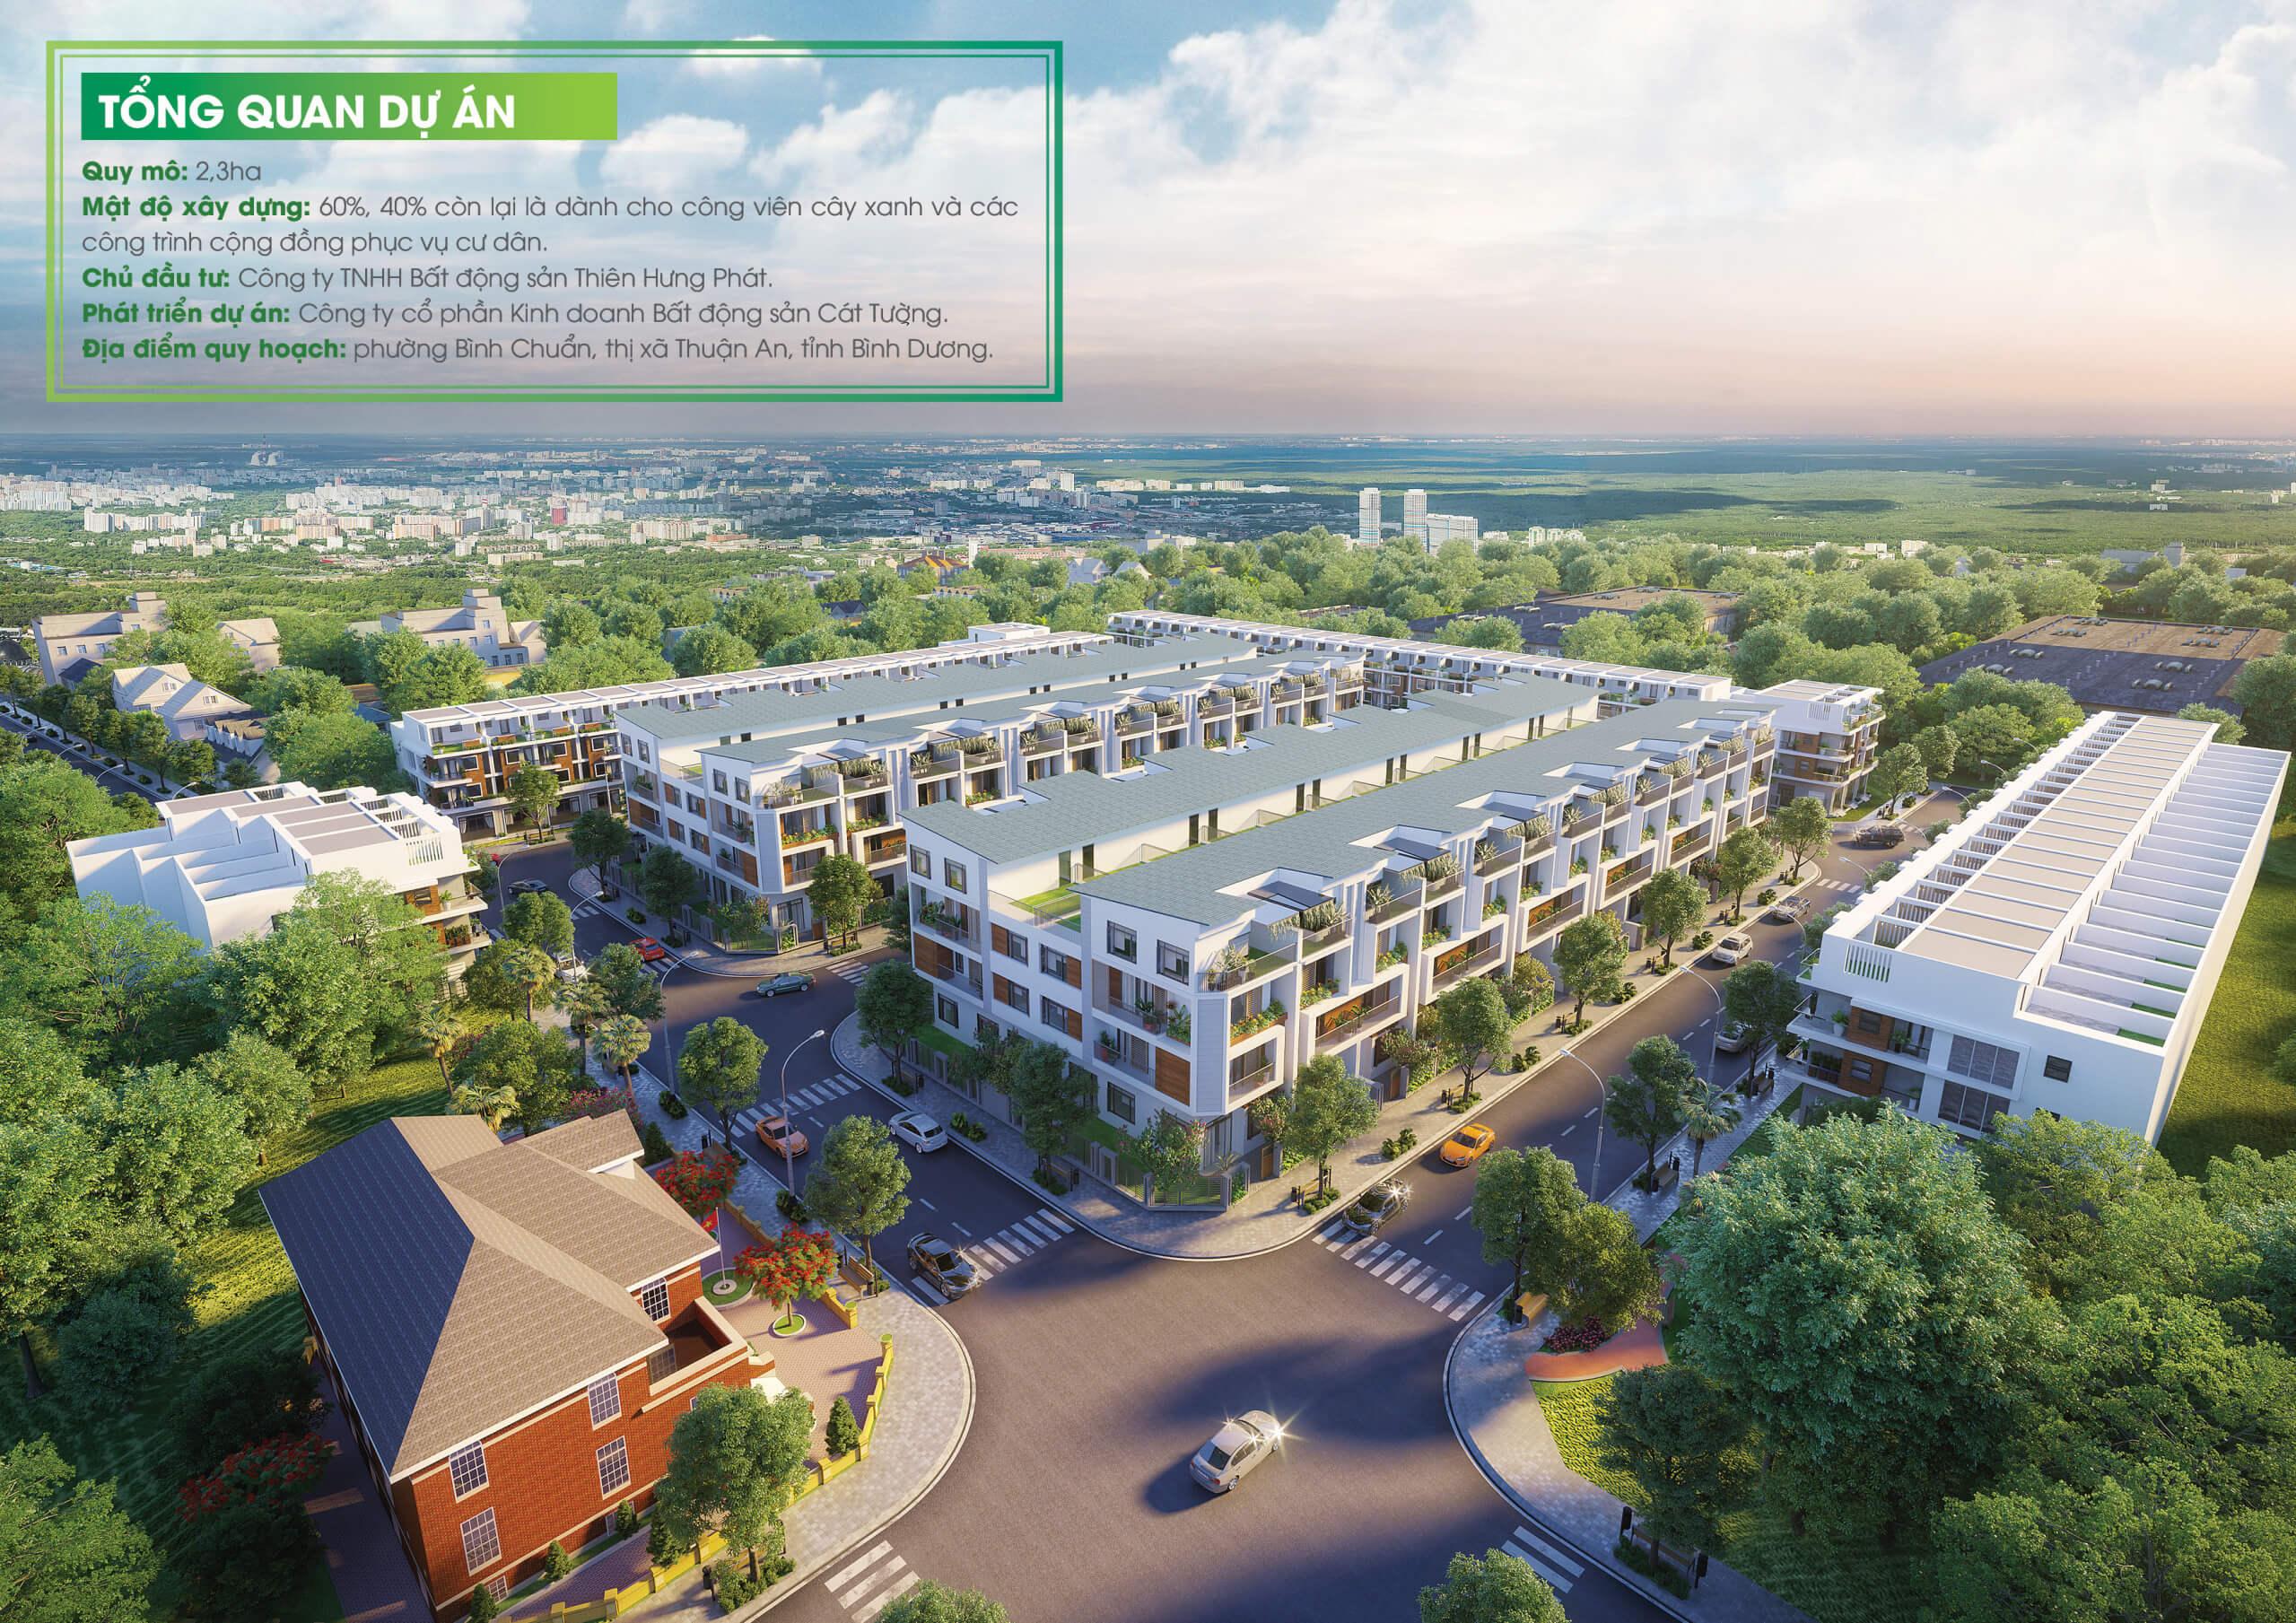 Tổng quan dự án Phố thương mại Cát Tường Phú Bình